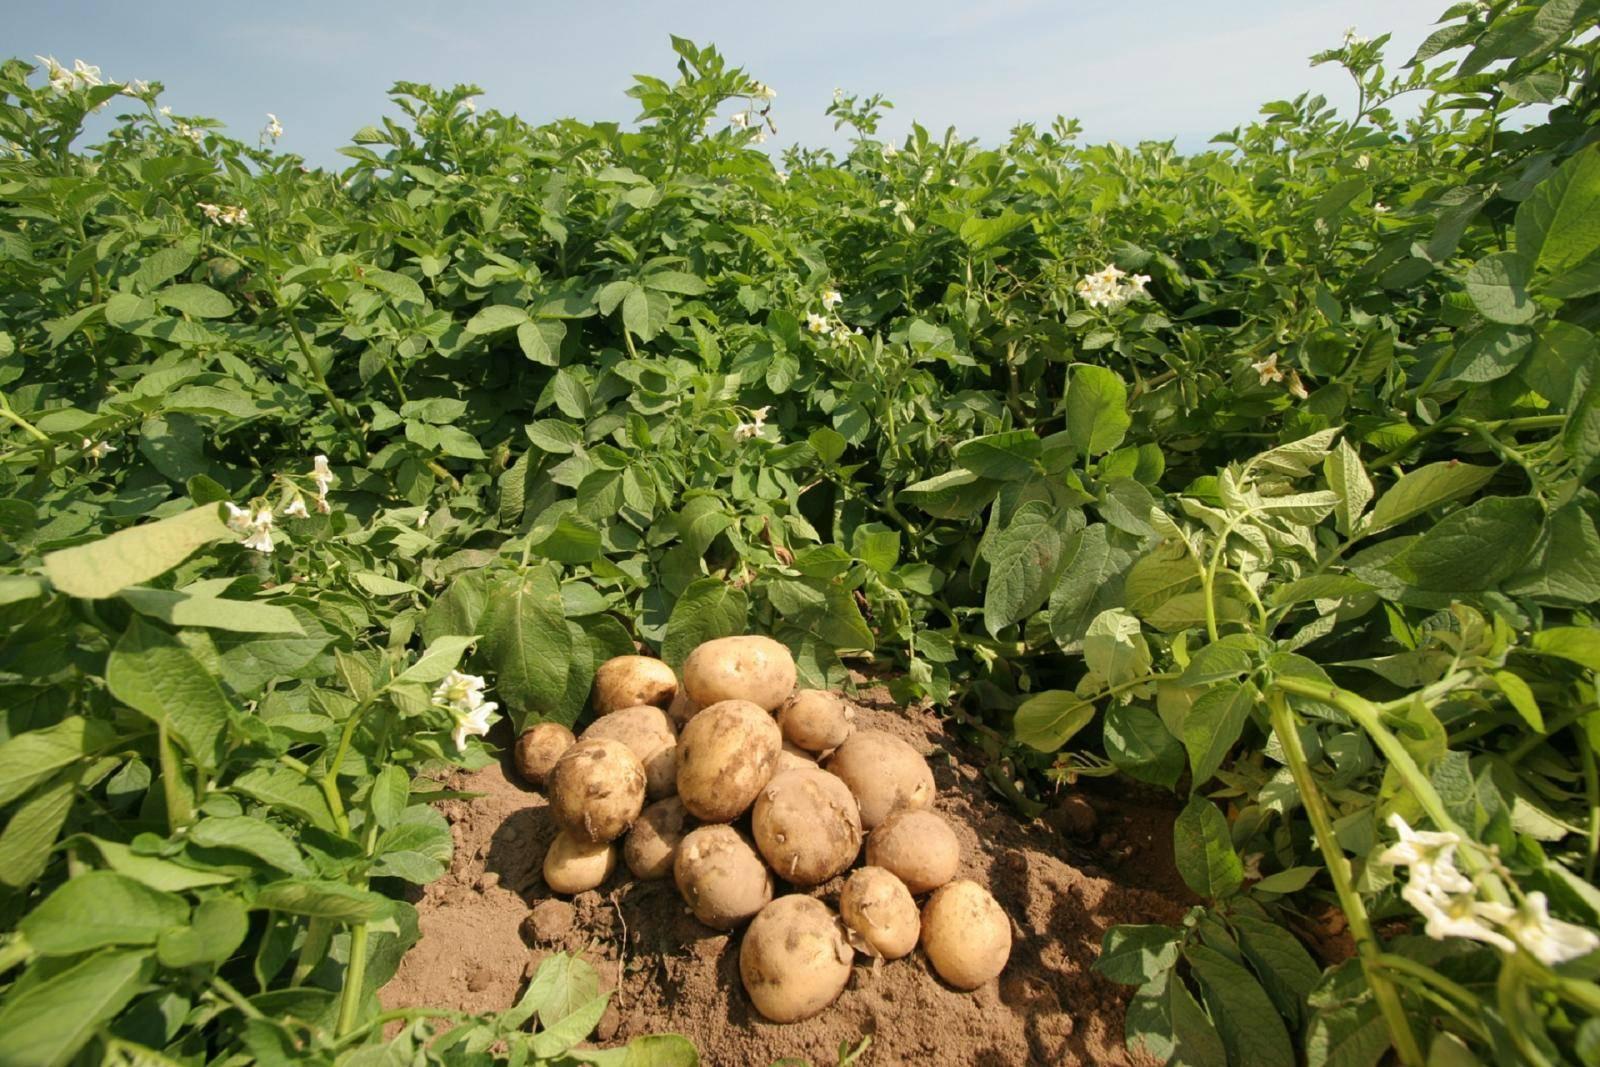 Удобрение при посадке растений: правила, выбор веществ, внесение